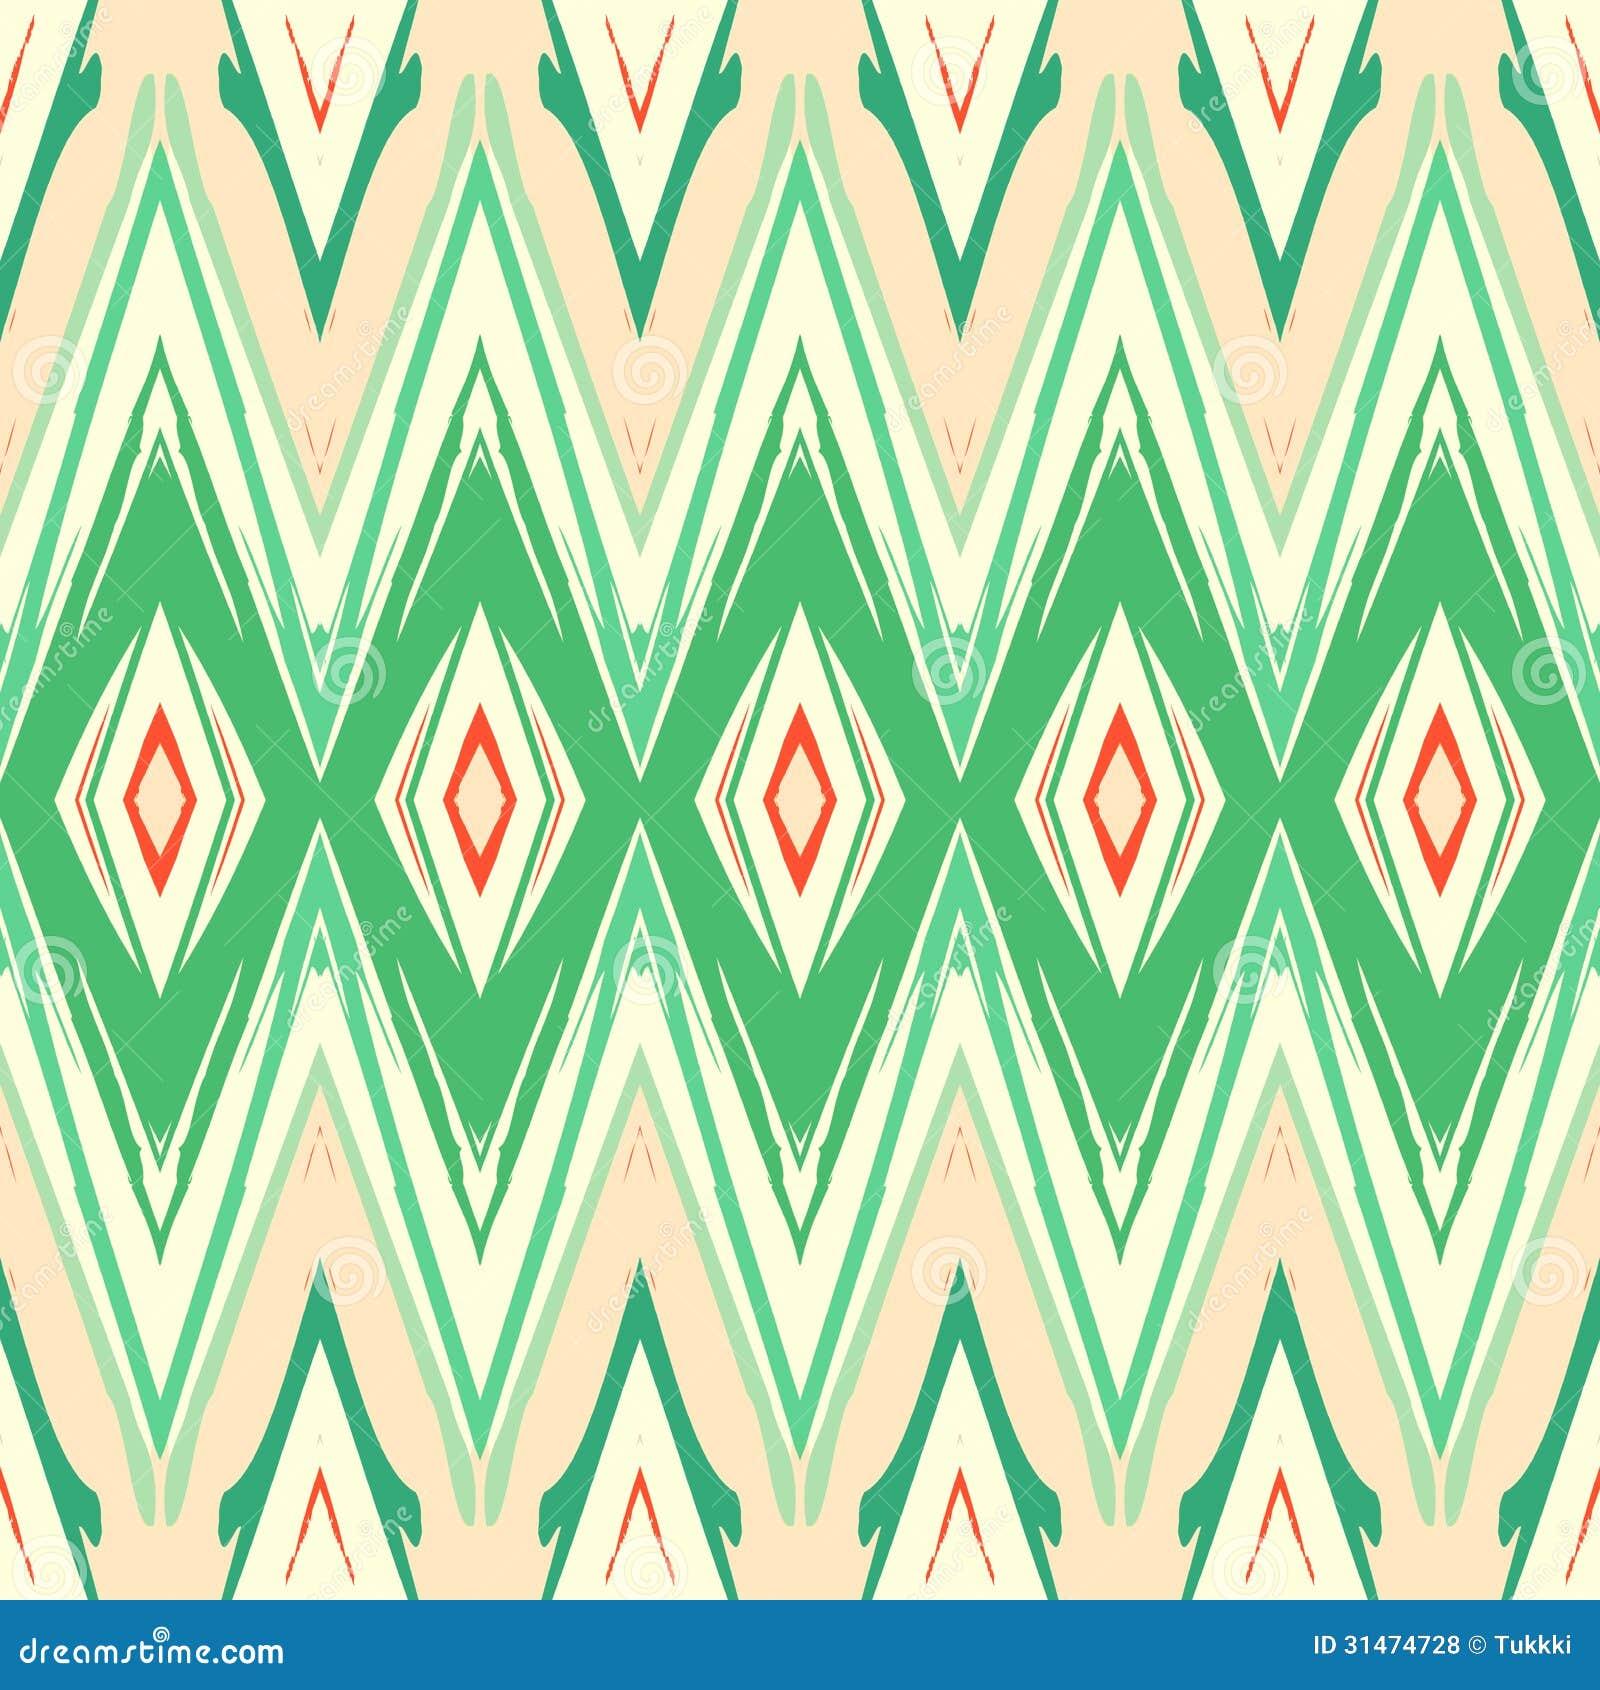 Ikat Muster Ethno Design ~ Innovative Idee von Innenarchitektur ...